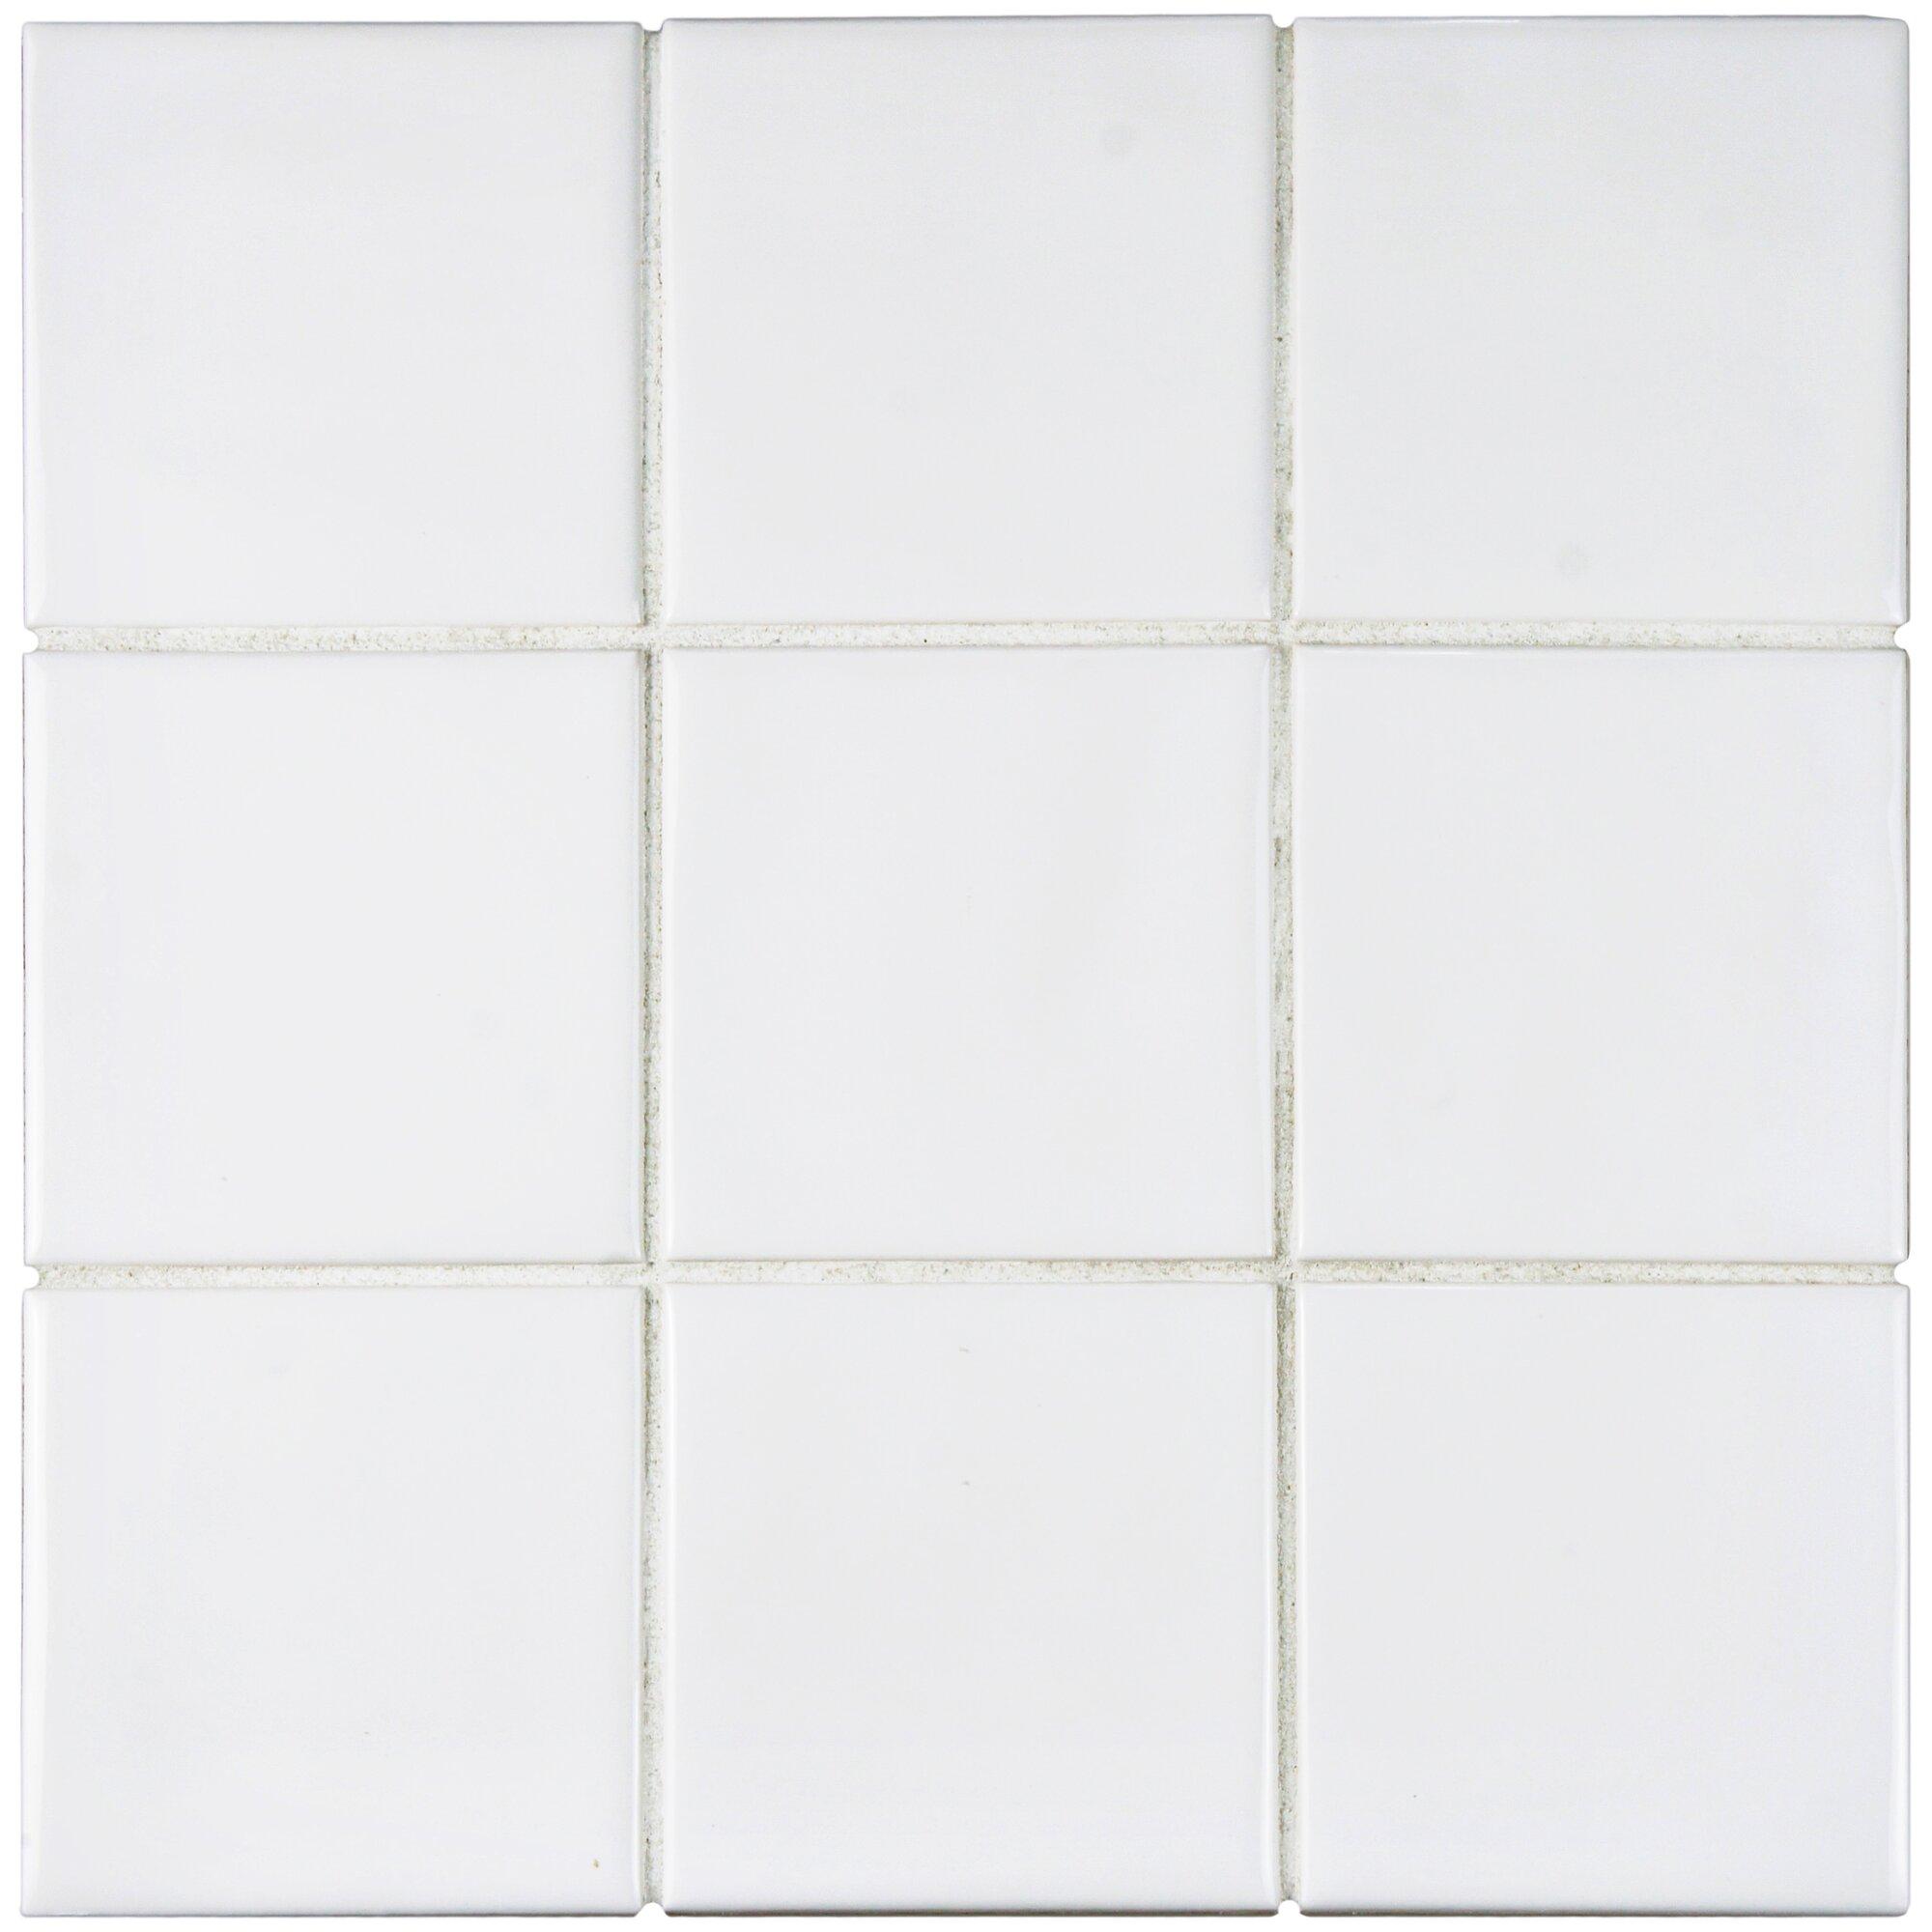 Elitetile Contour Square 3 75 Quot X 3 75 Quot Ceramic Field Tile